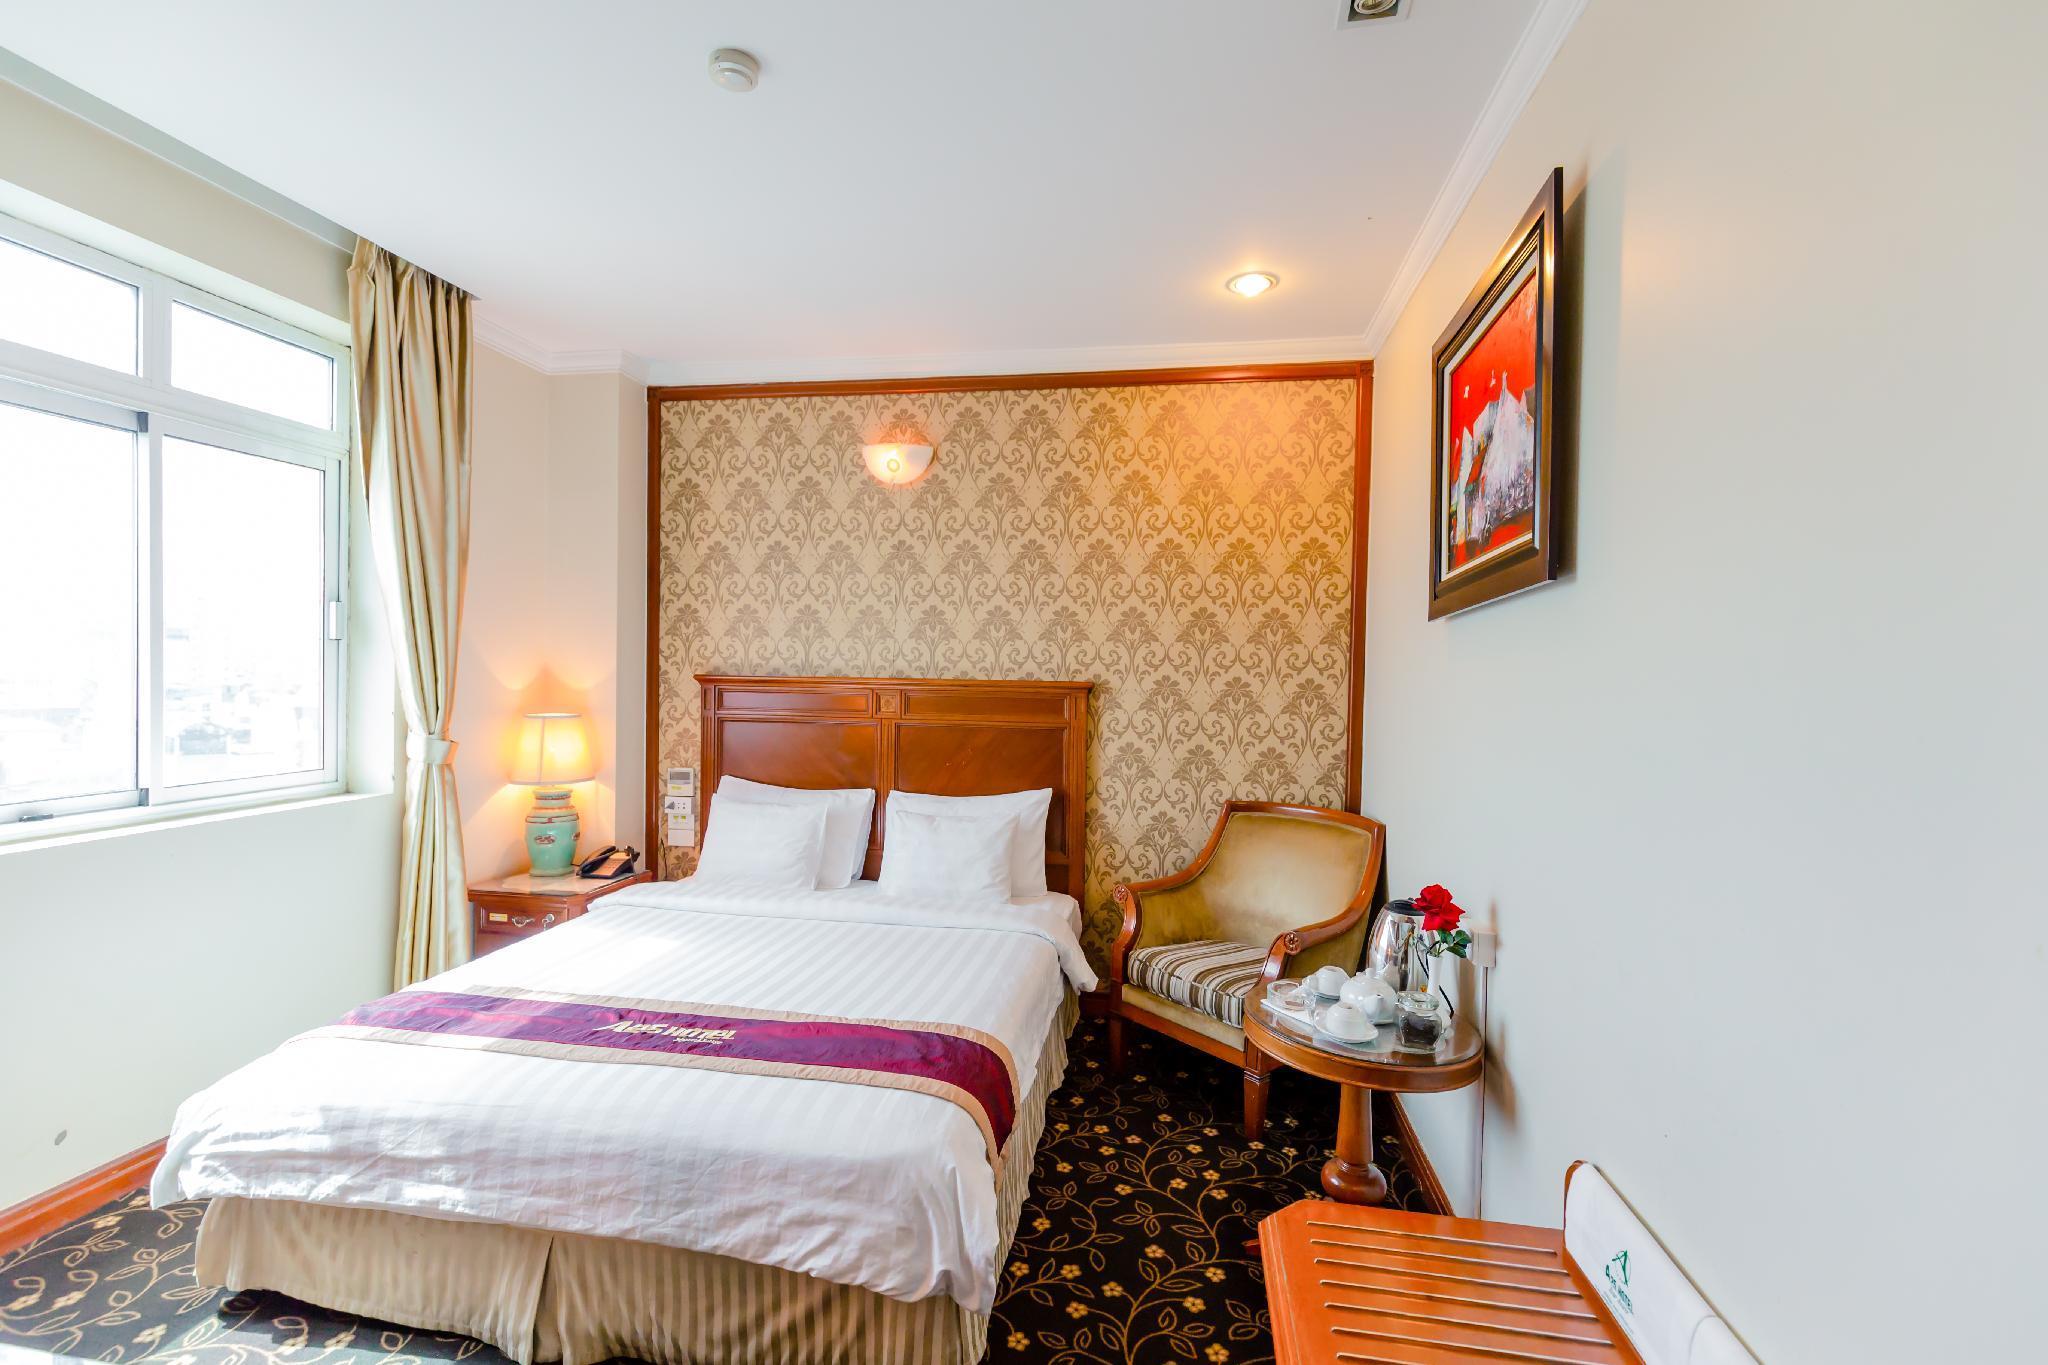 A25 Hotel Phan Dinh Phung, Ba Đình